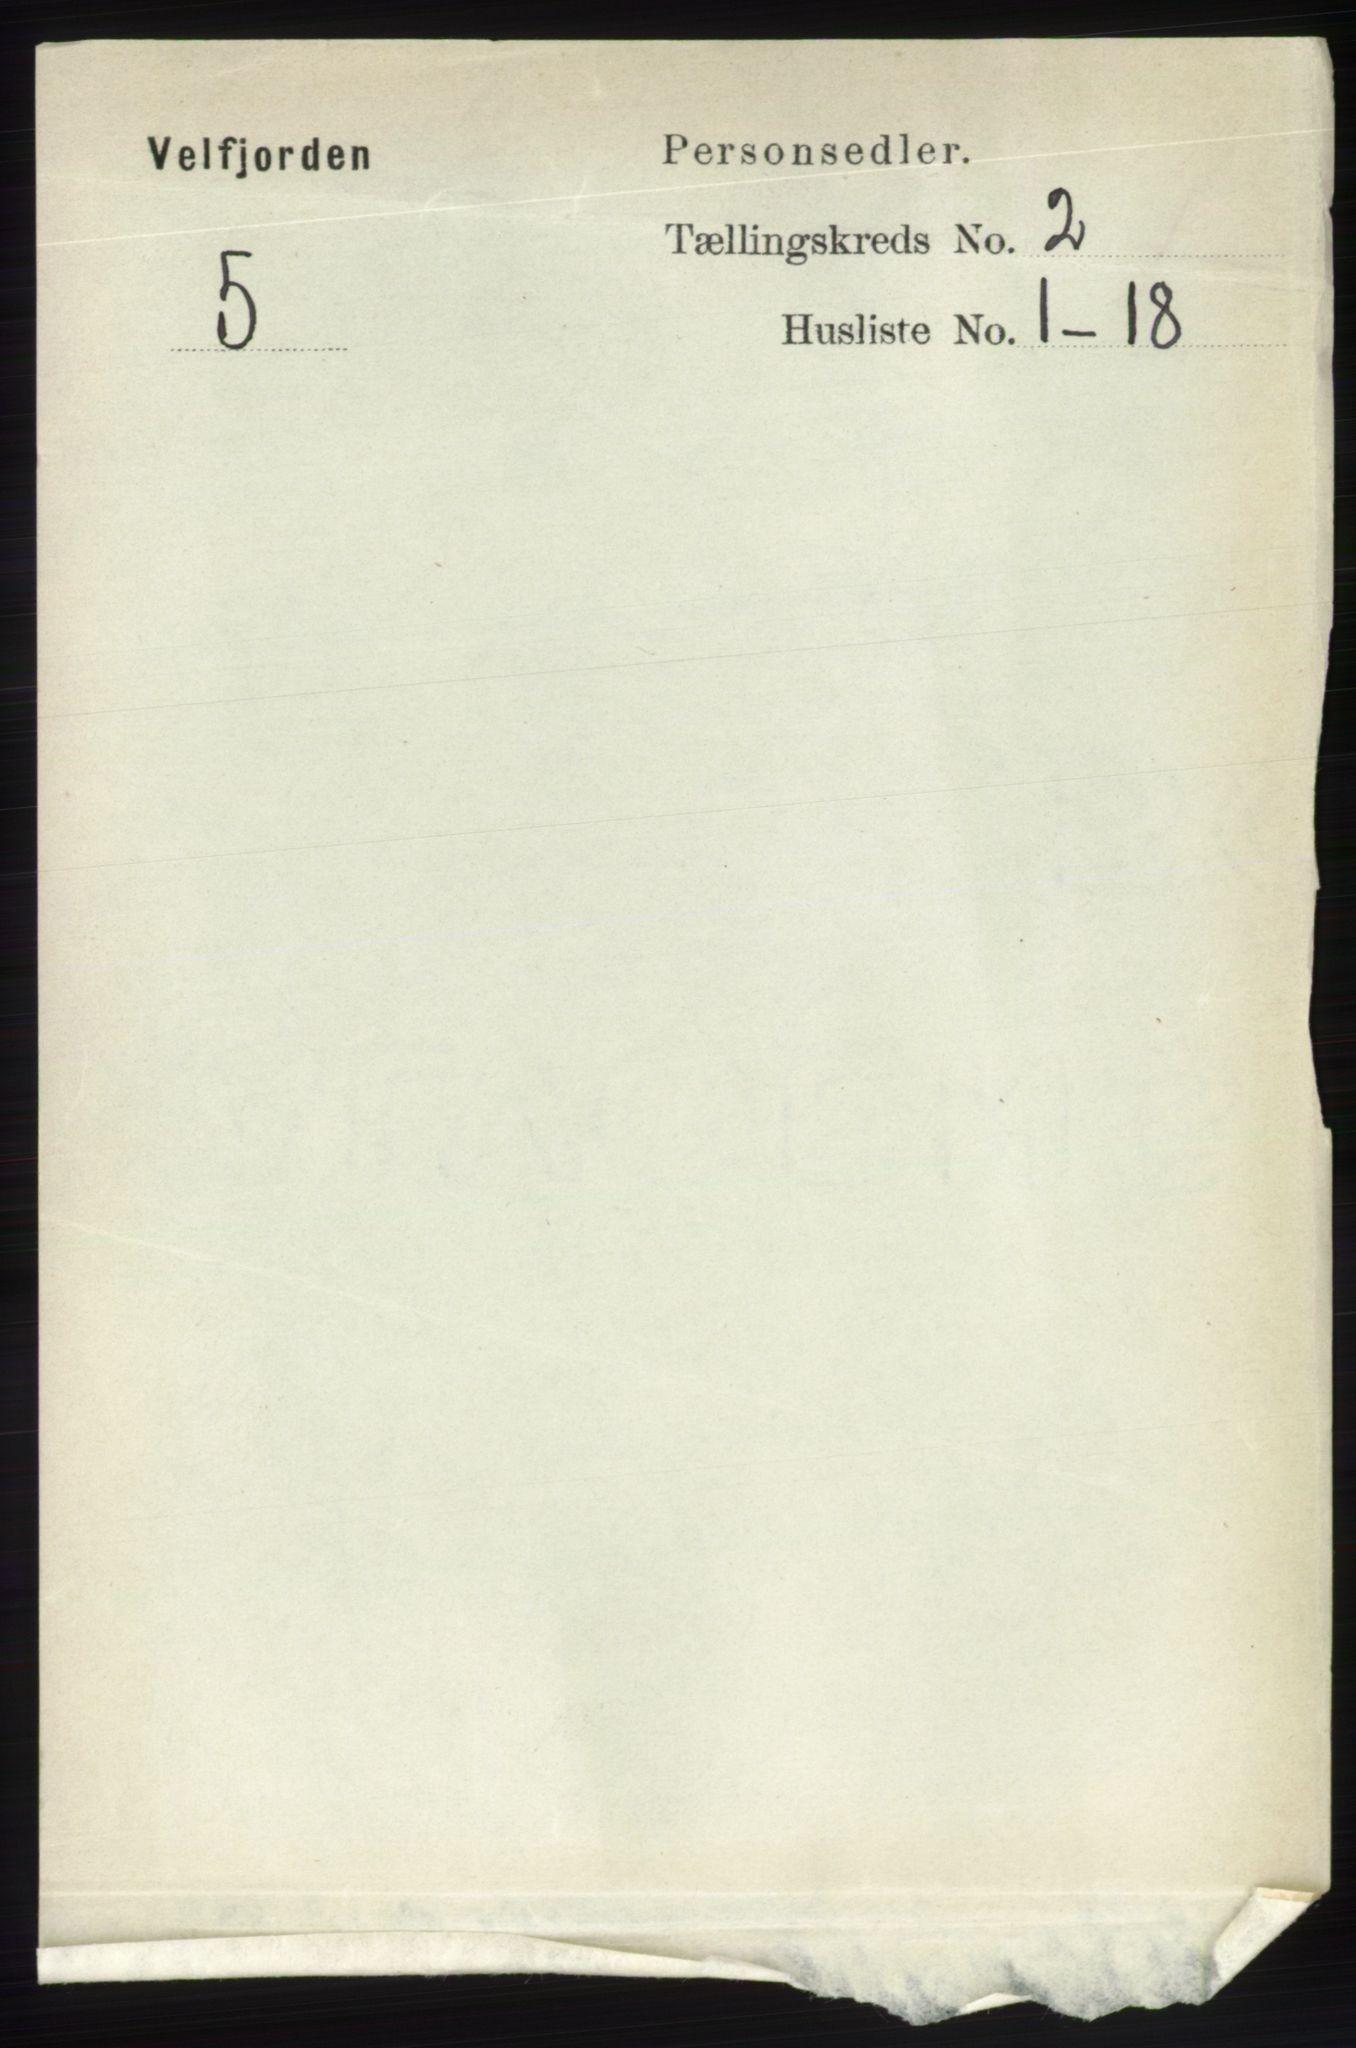 RA, Folketelling 1891 for 1813 Velfjord herred, 1891, s. 547